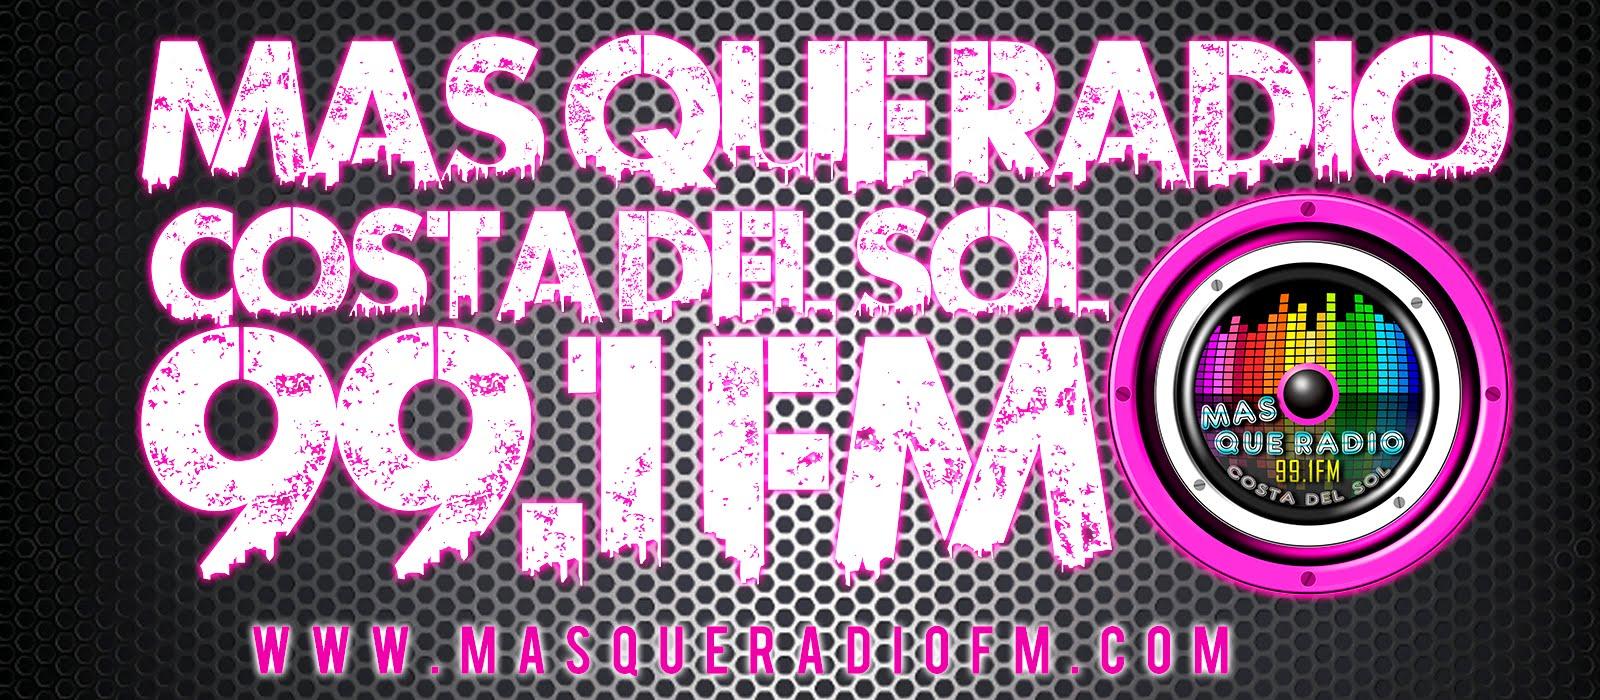 #3Tu Radio De Moda #Mas Que Radio FM